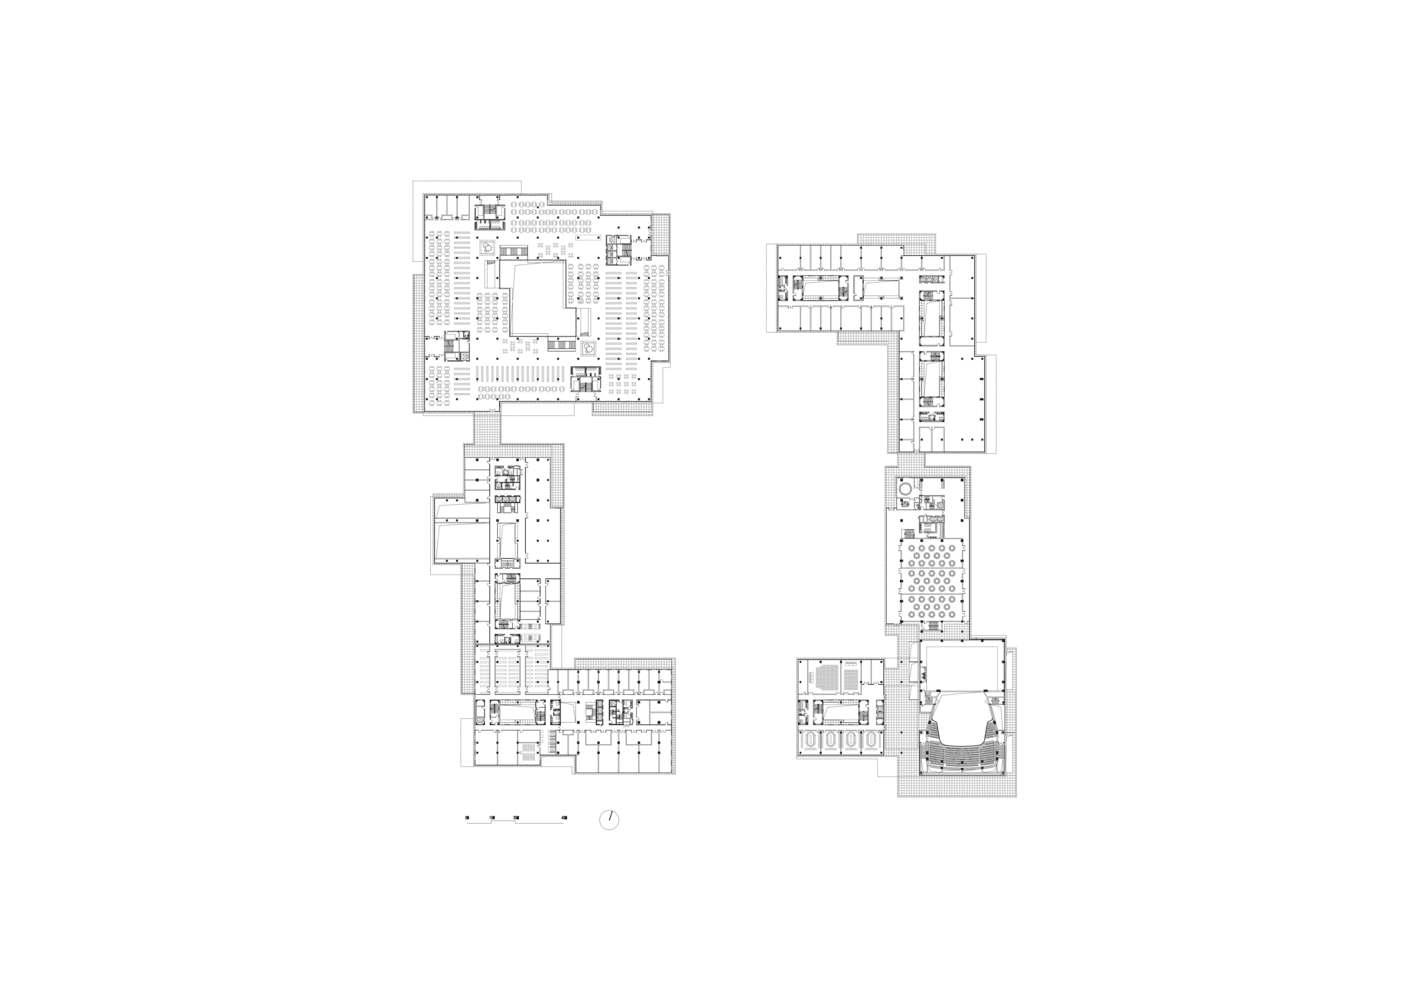 煙雨師大,琢玉成器——杭師大/維思平建築設計插图17